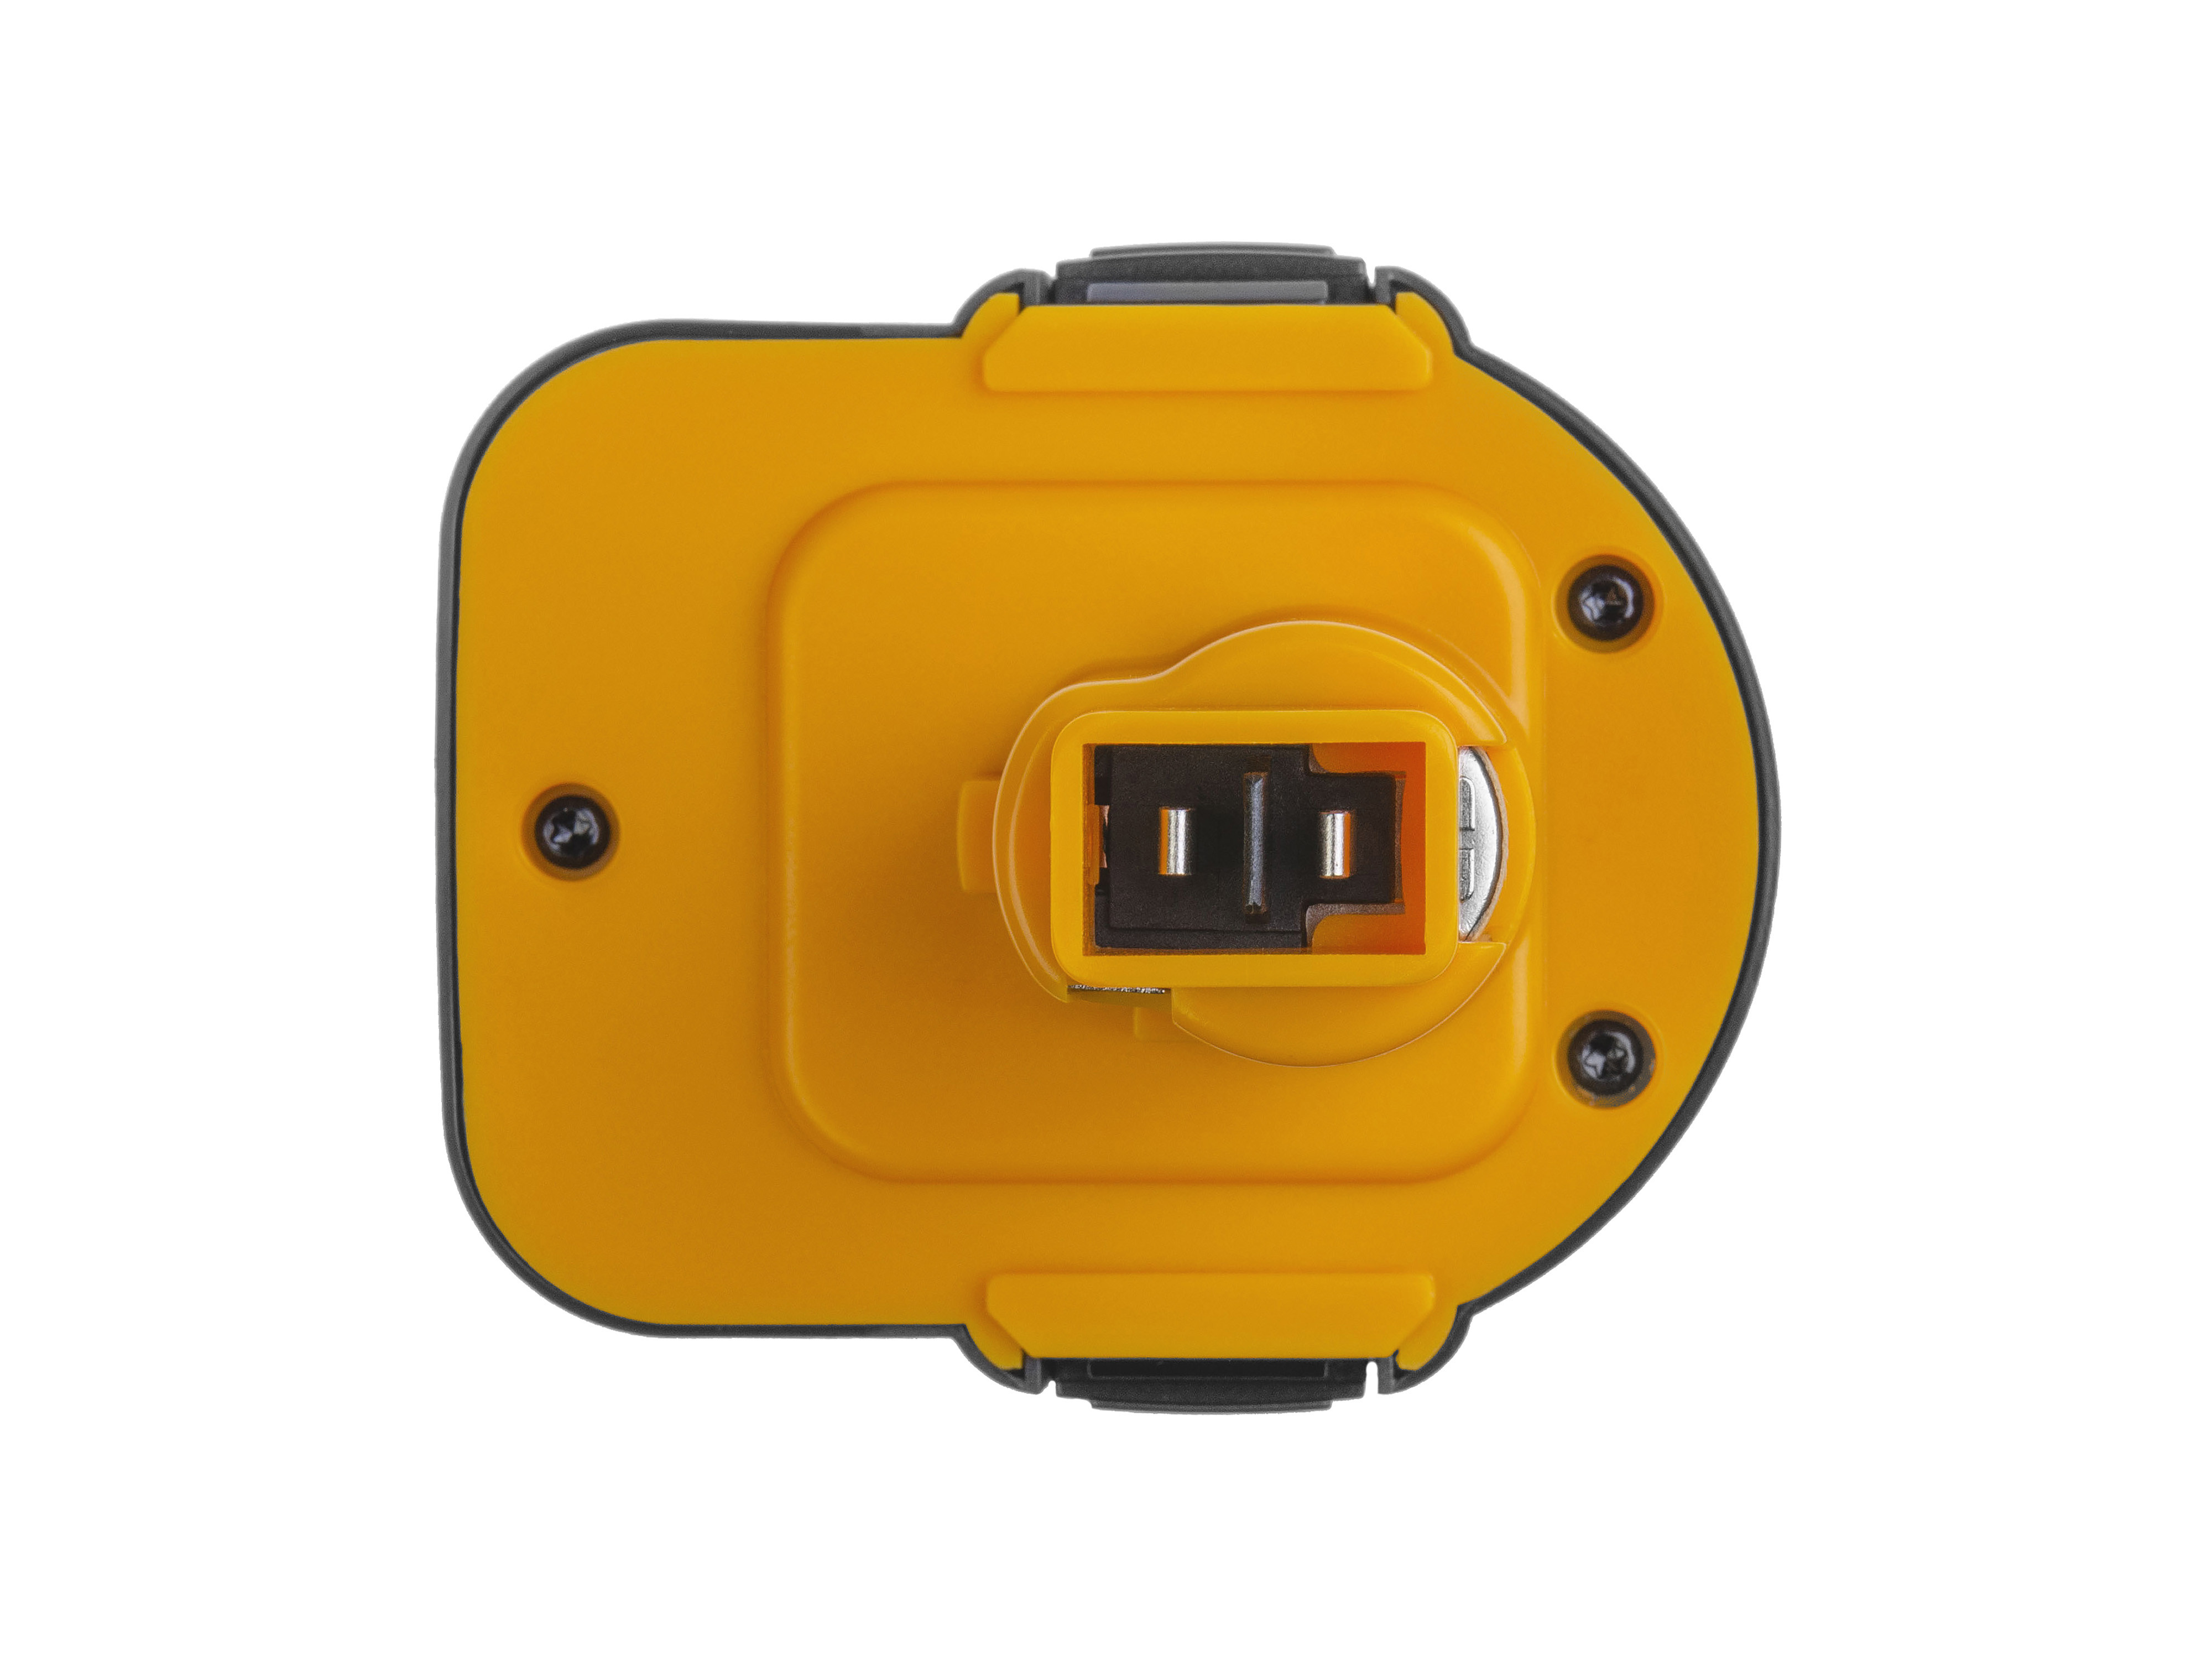 Batteri batteri PS130 DE9072 PS12VK för Svart & Decker FS12 DeWalt 2802K DC740KA